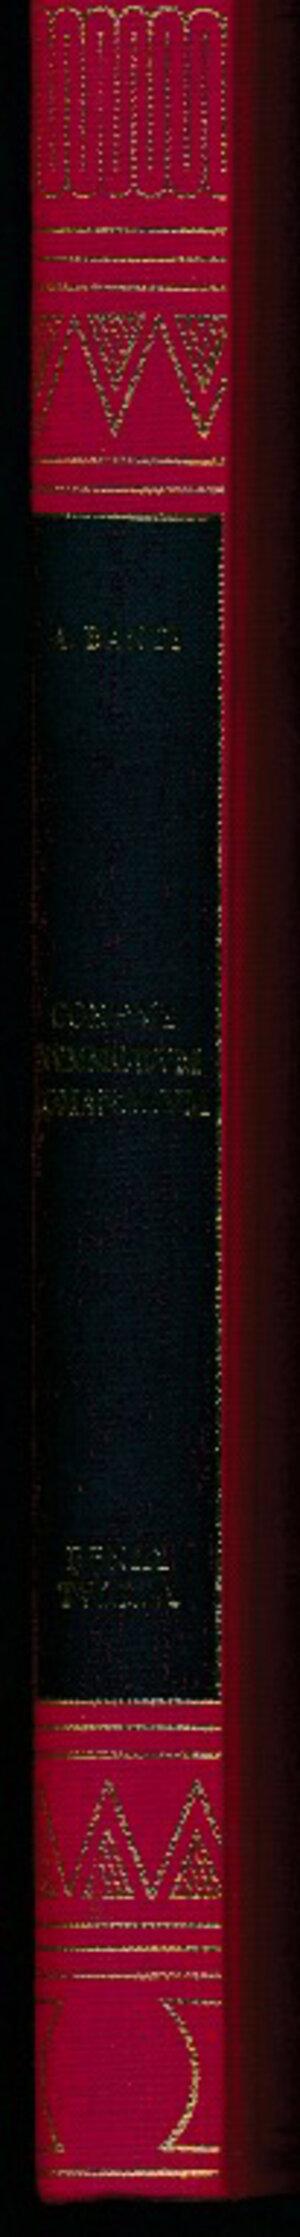 obverse: BANTI A. - Corpus nummorum romanorum. Monetazione repubblicana Renia - Tullia. Banti Editore, Firenze, 1982, pp. 321, numerose foto in b/n. Rilegatura rigida in tela rossa, scritte e fregi dorati. Ottimo stato.